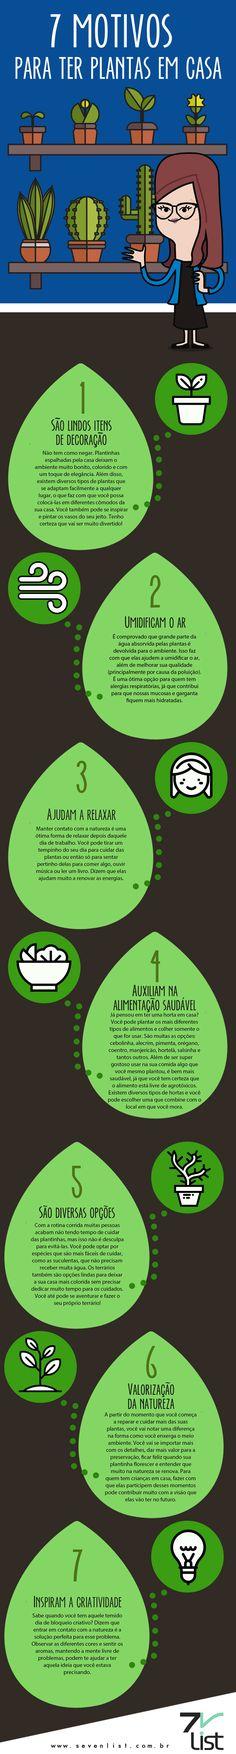 Humm! O assunto hoje aqui no blog está muito ligado a natureza, que por sinal nós amamos. Veja 7 motivos para ter plantas em casa. #Sevenlist #Plants #Plantas #Nature #Natureza #Flowers #Home #Flores #Casa